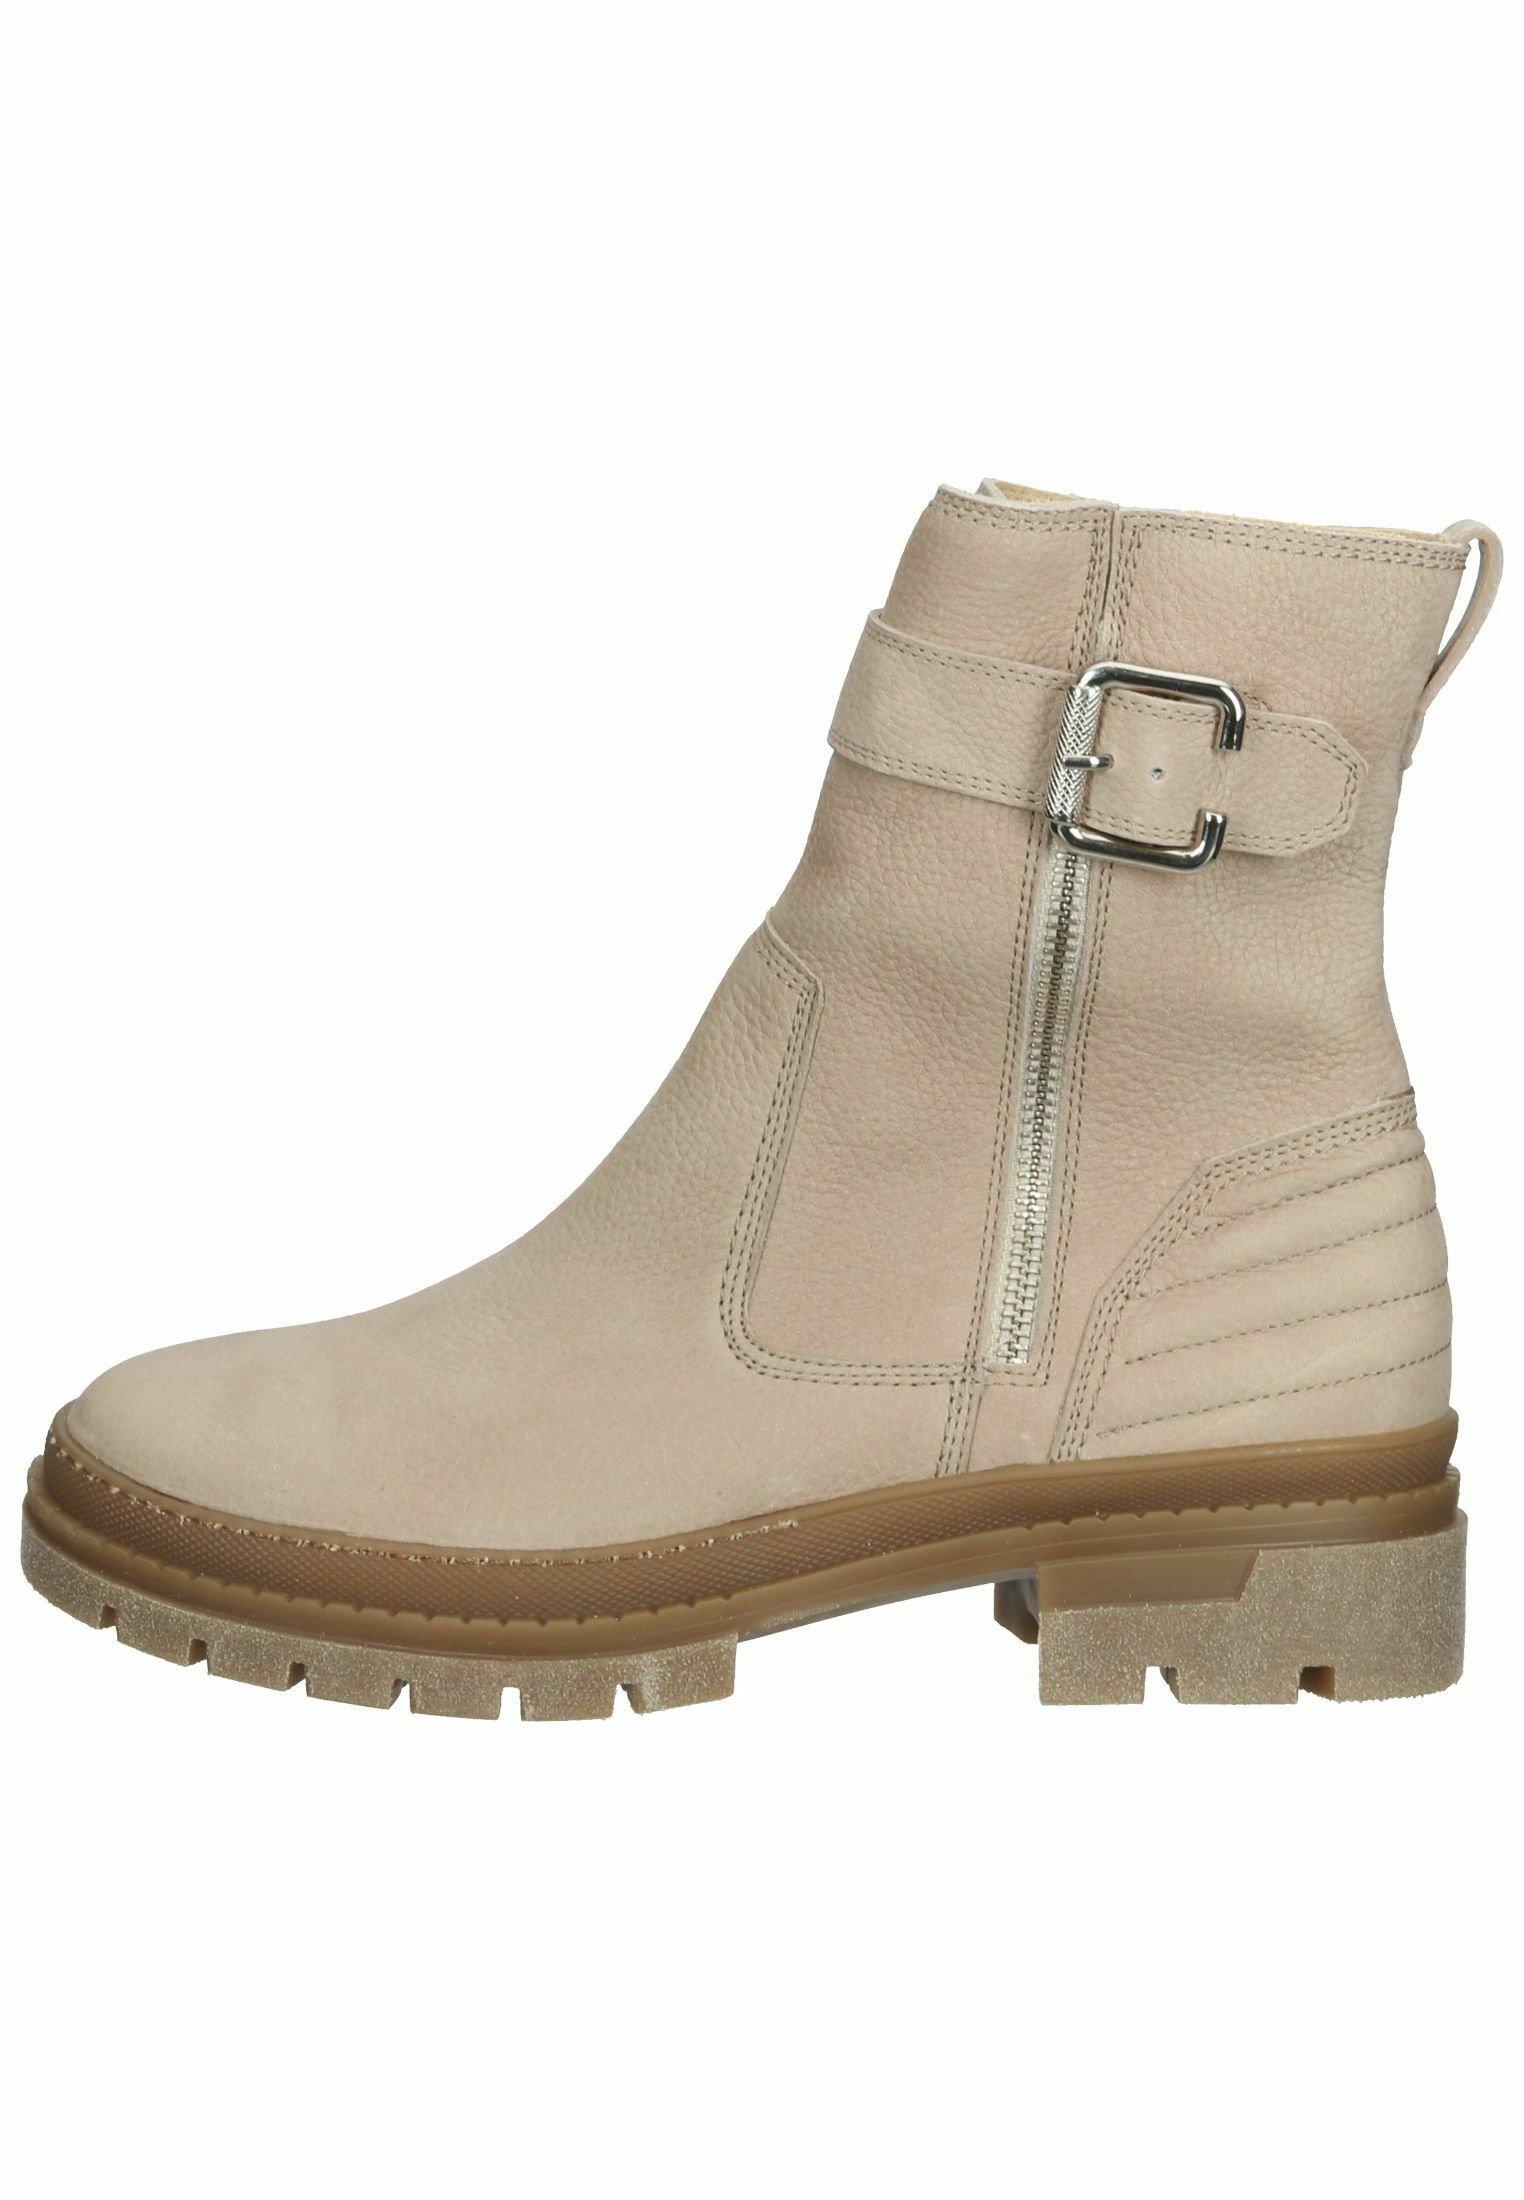 Damen Ankle Boot - beige